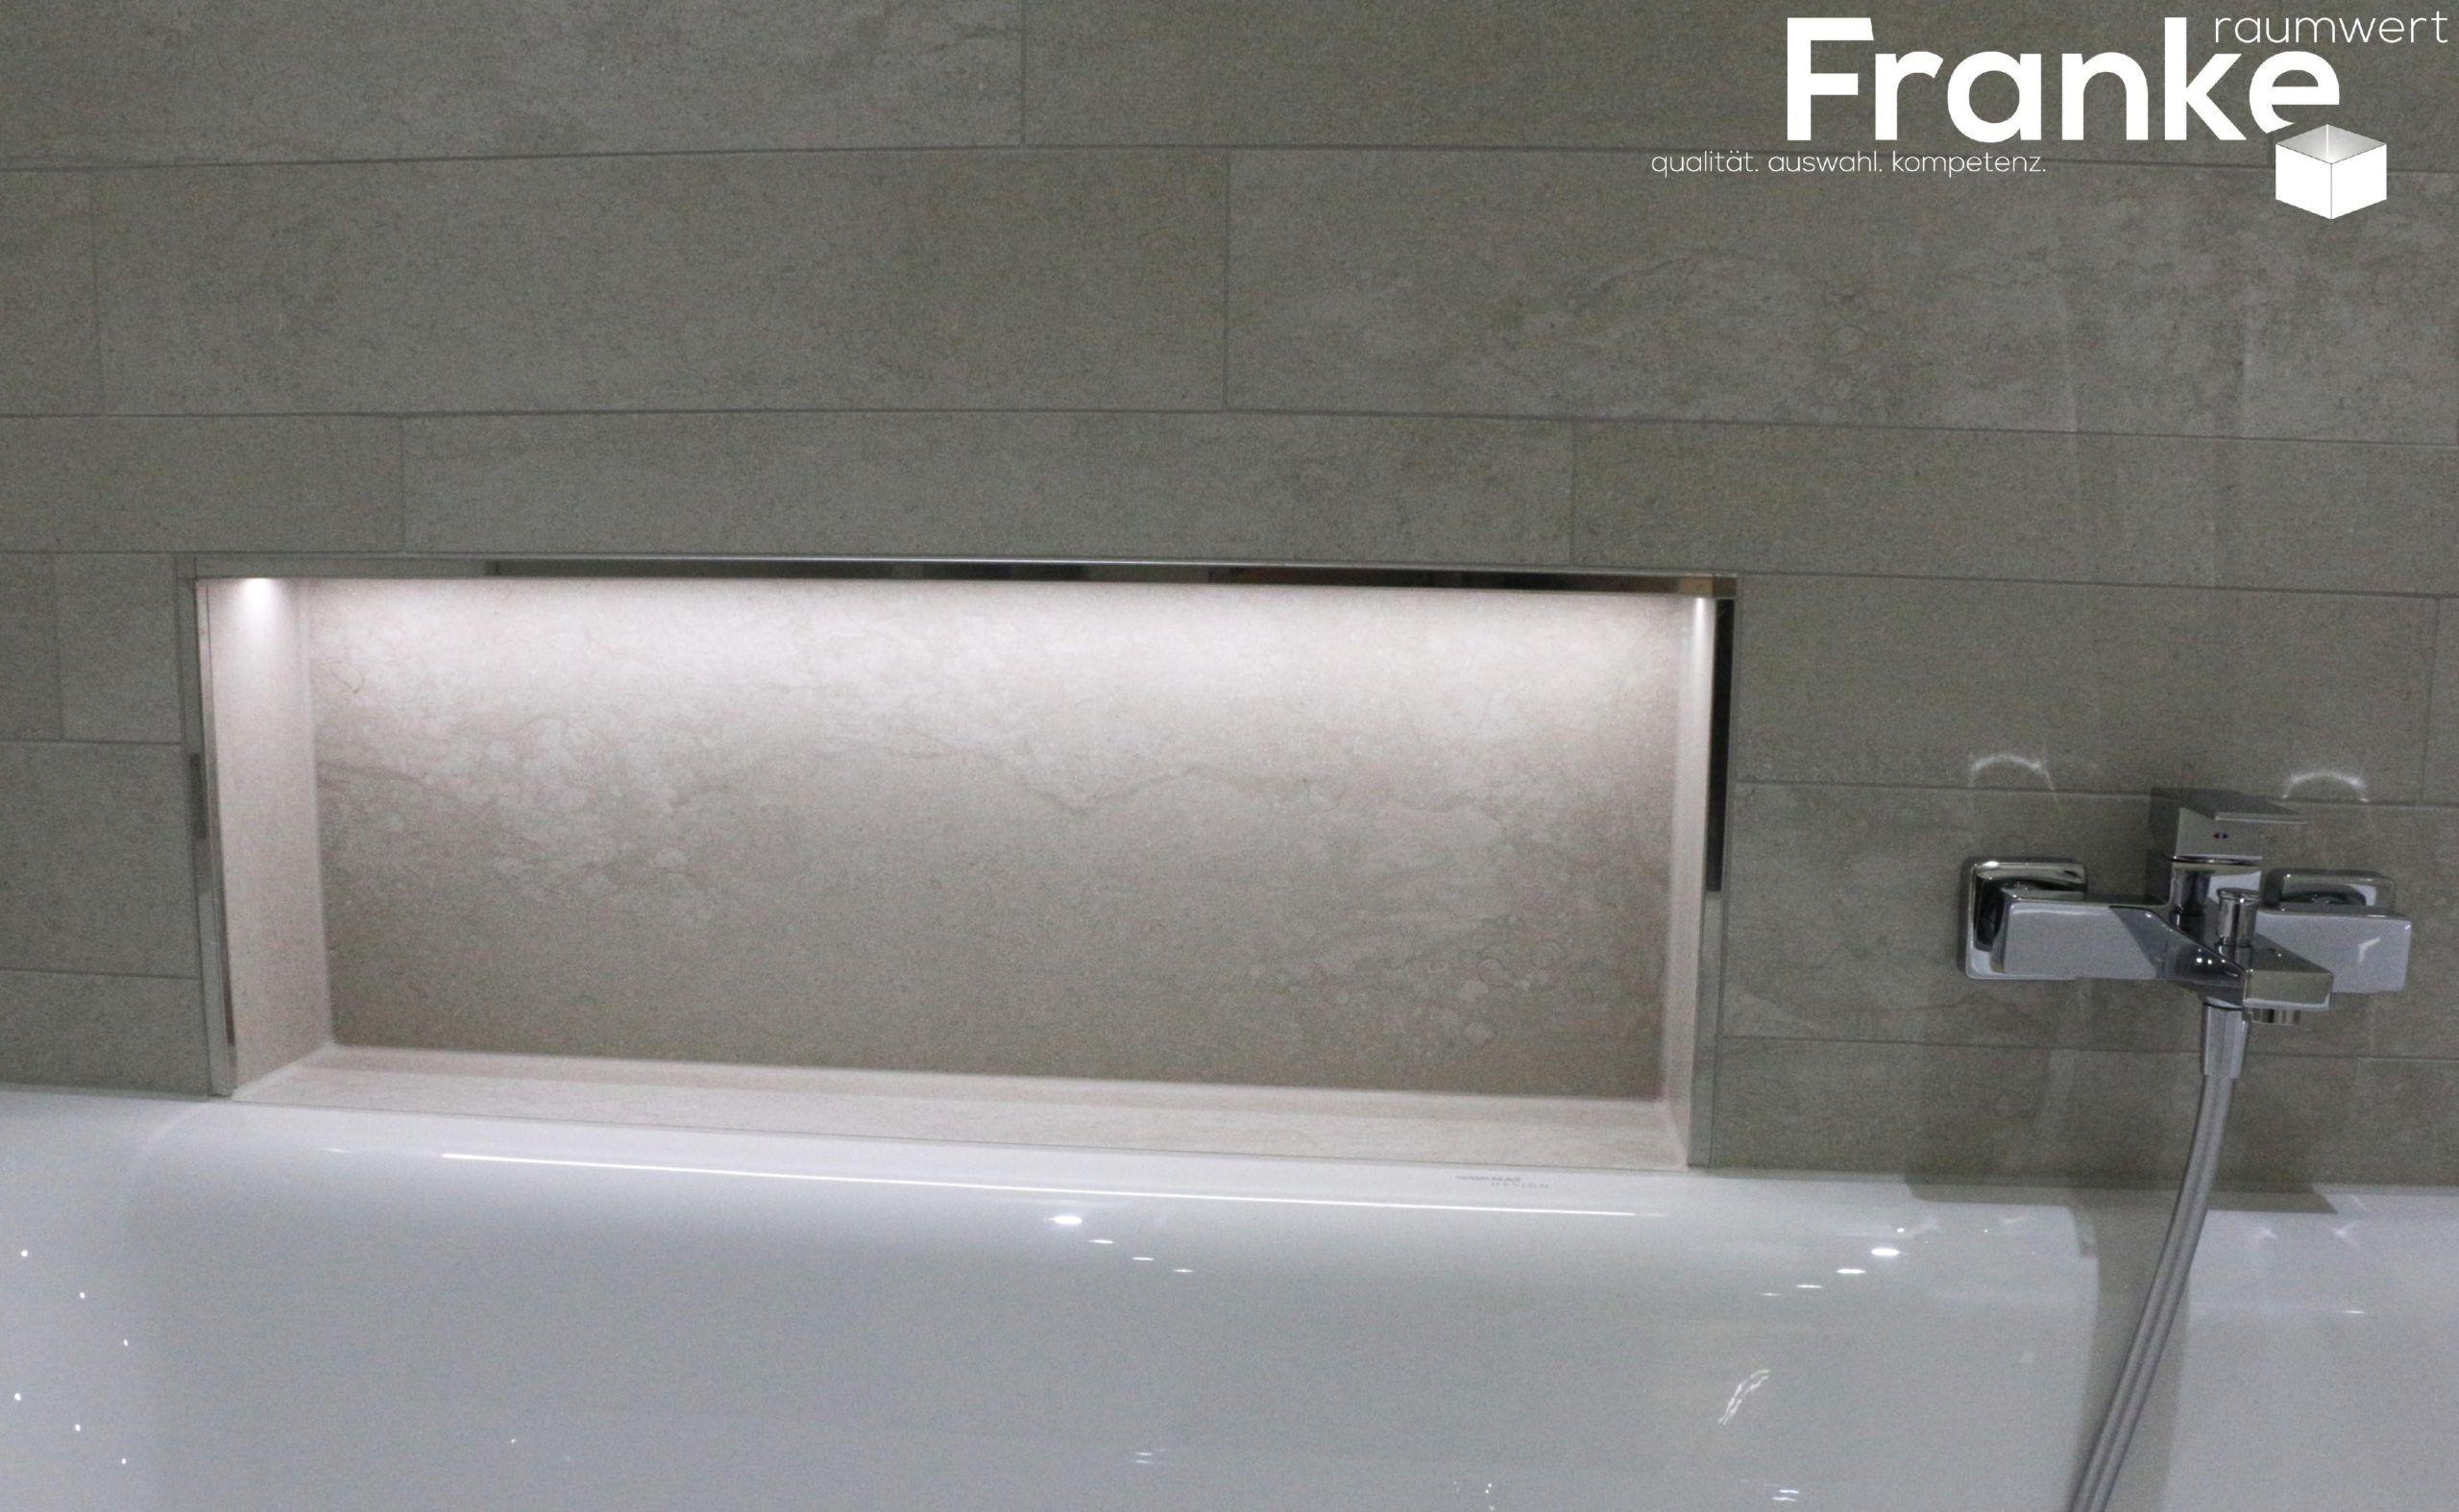 Aufbewahrung In Der Badewanne Mit Lichttechnik Steinmix Im Betonstil Www Franke Ra In 2020 Badewanne Badewanne Fliesen Fliesen Wohnzimmer